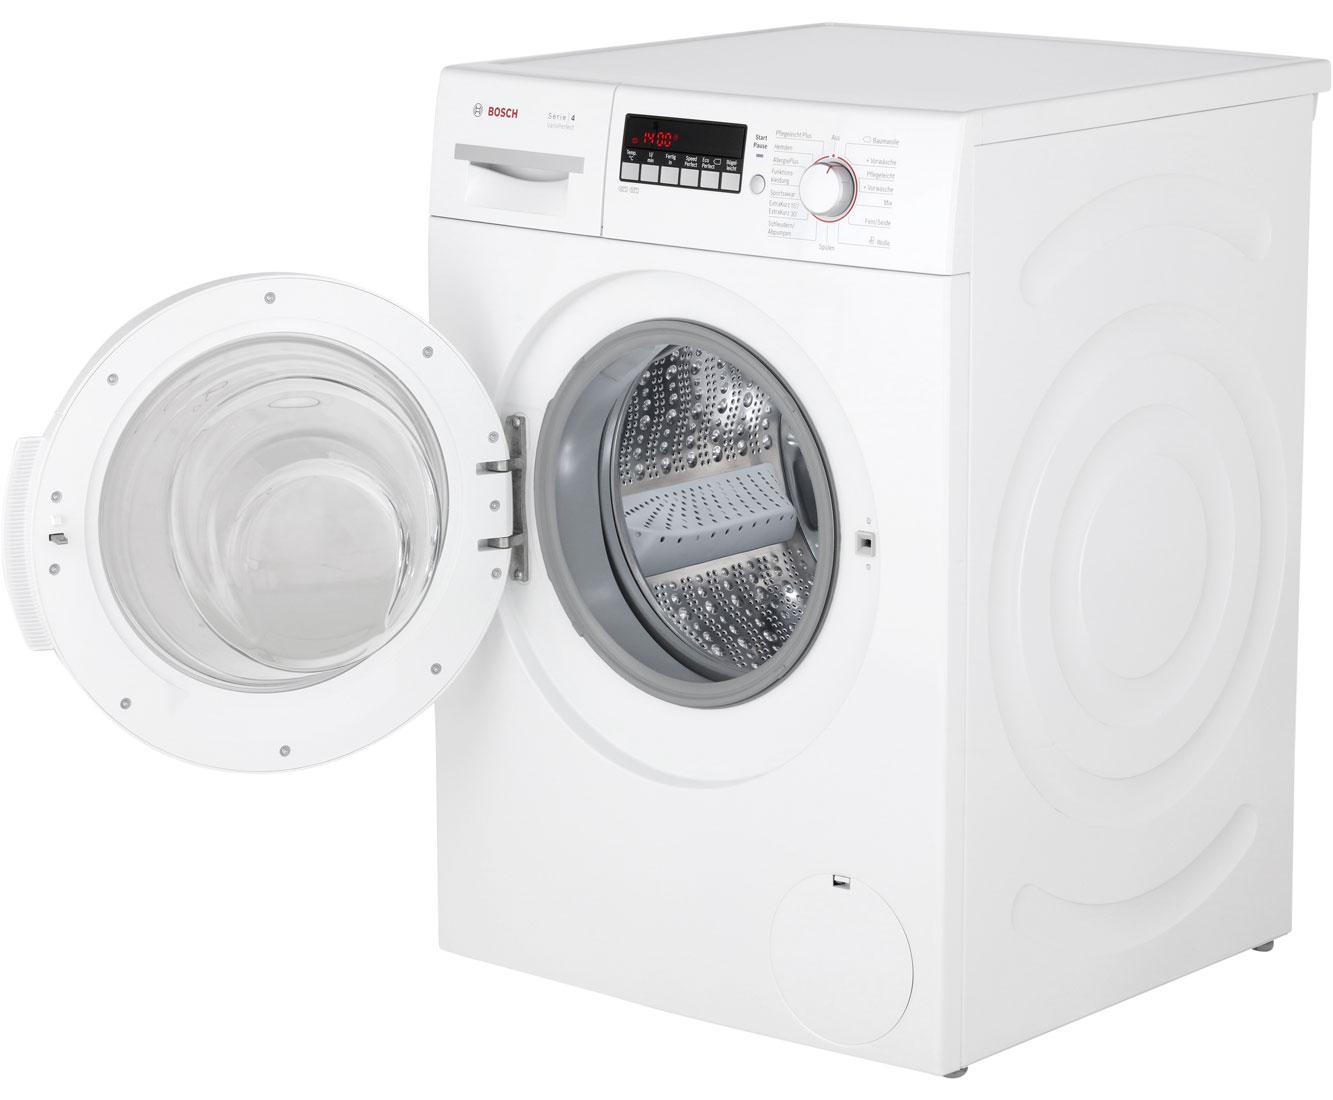 bosch wak28227 serie 4 waschmaschine freistehend weiss neu ebay. Black Bedroom Furniture Sets. Home Design Ideas